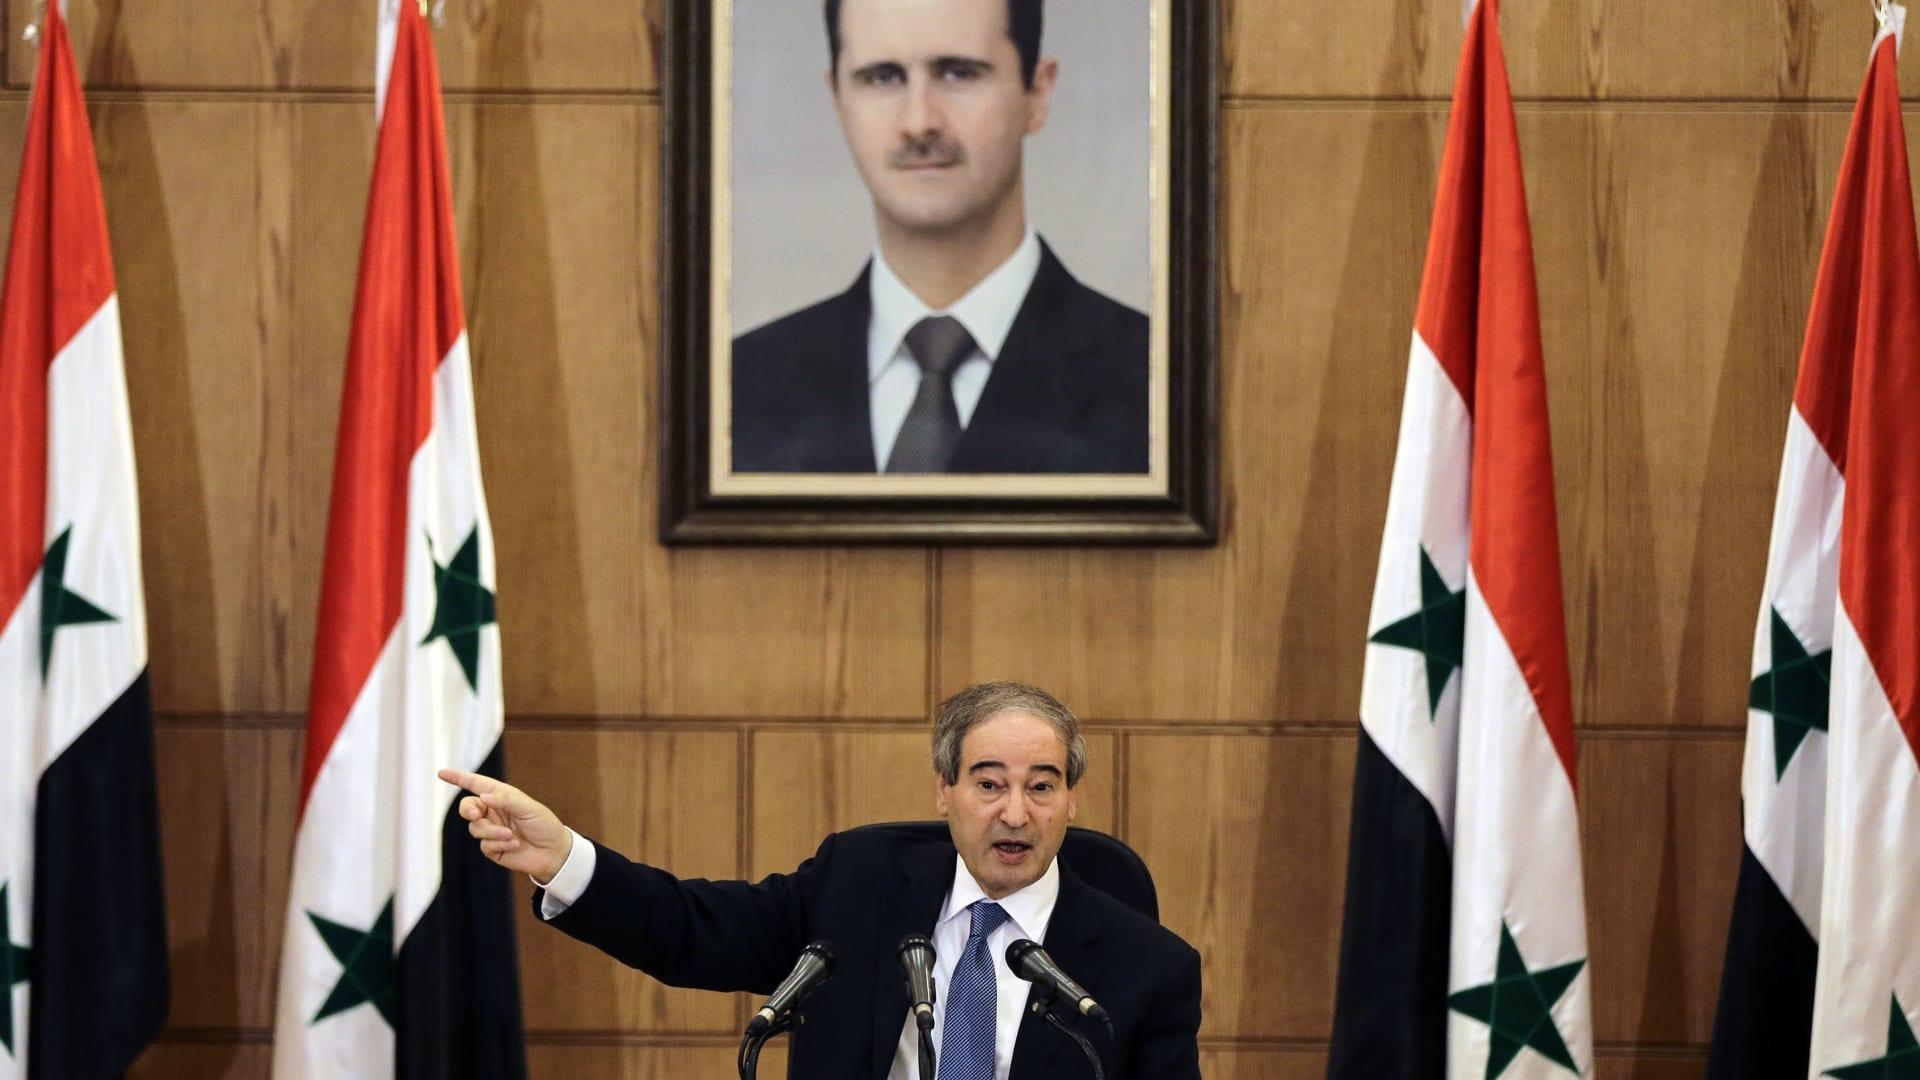 المقداد: واشنطن غير مرتاحة للانجازات التي يحققها الجيش العربي السوري